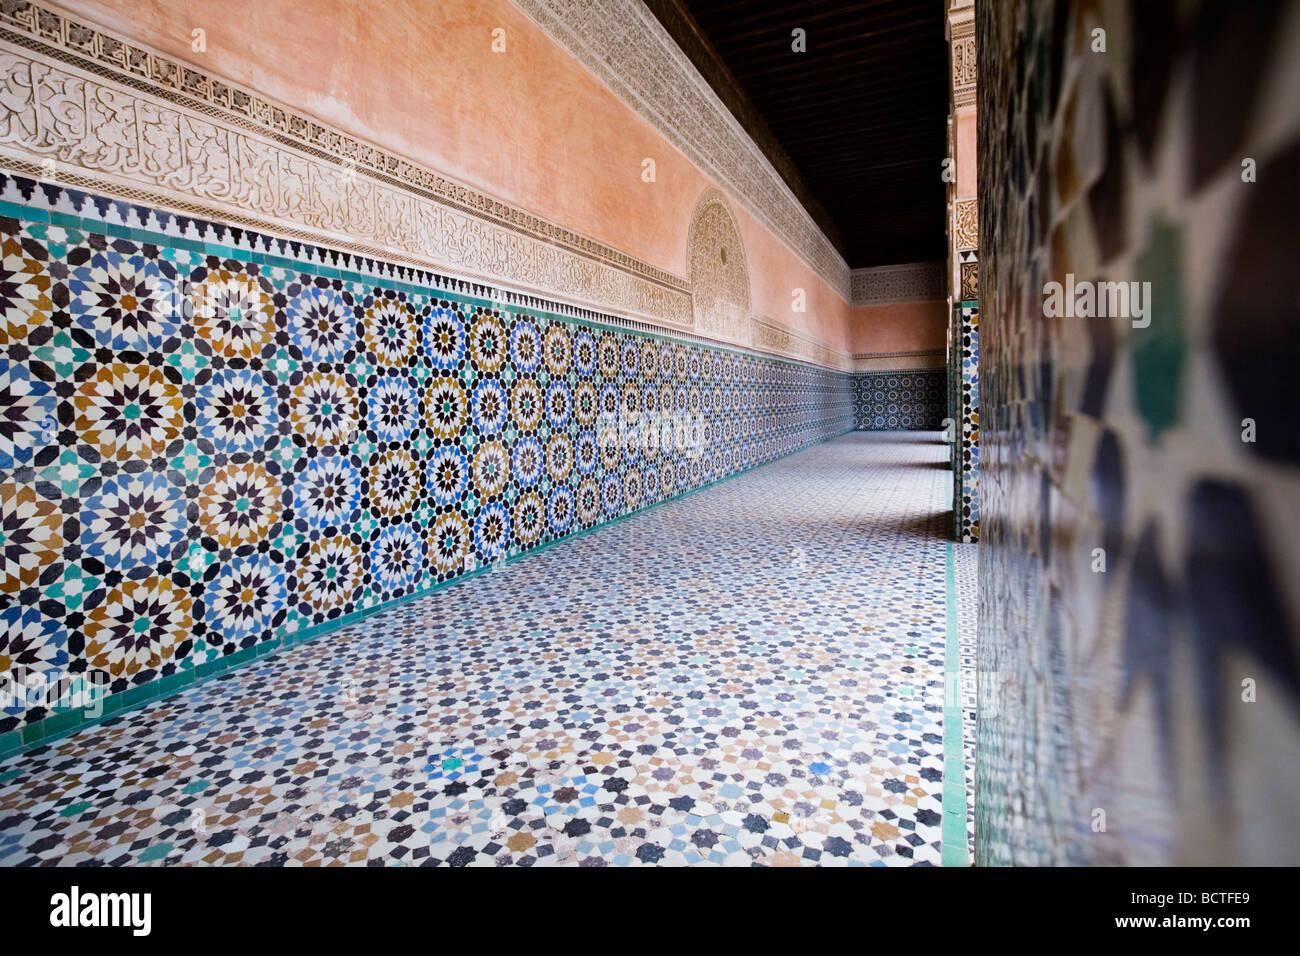 Architettura islamica a Ben Youssef Medersa (Ben Yussuf Medressa) in Marrakech città vecchia (Medina), il Marocco. Immagini Stock